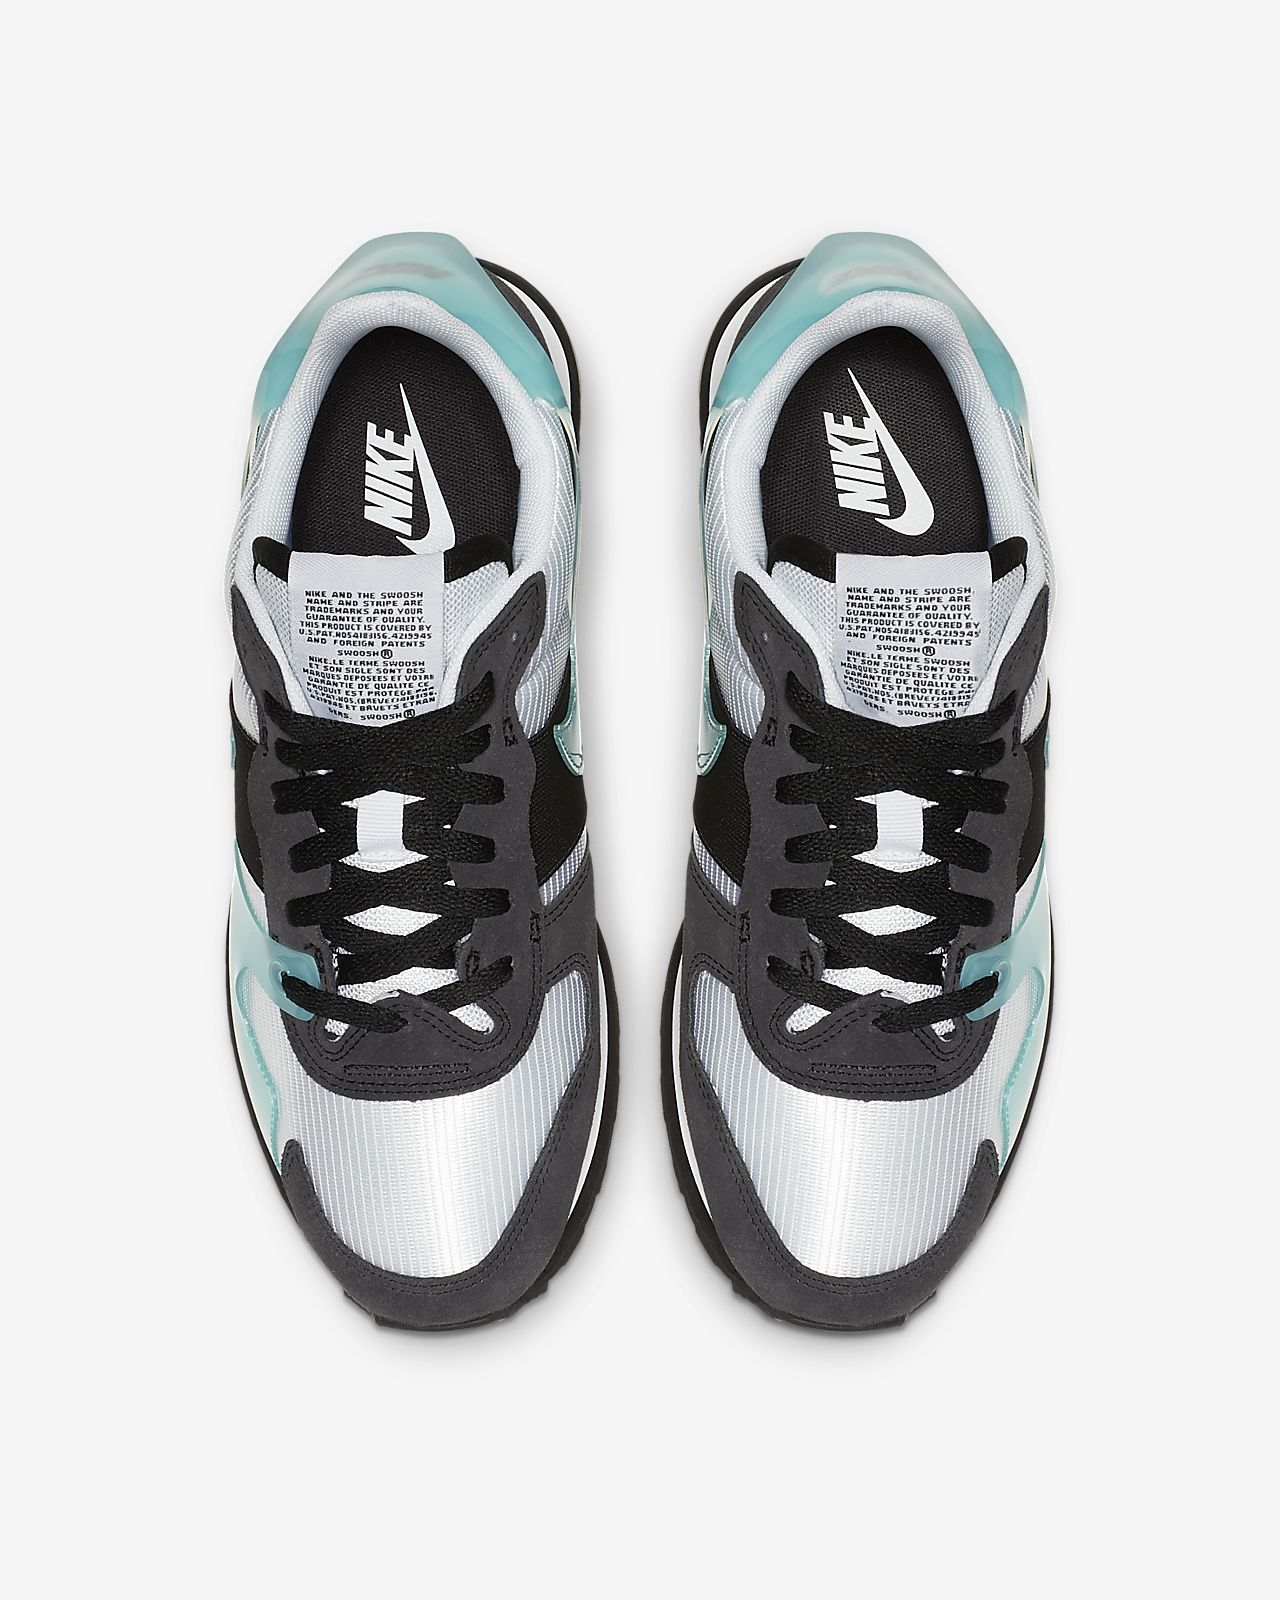 detailed look a19a0 909e7 ... Nike V-Love O.X. Women s Shoe